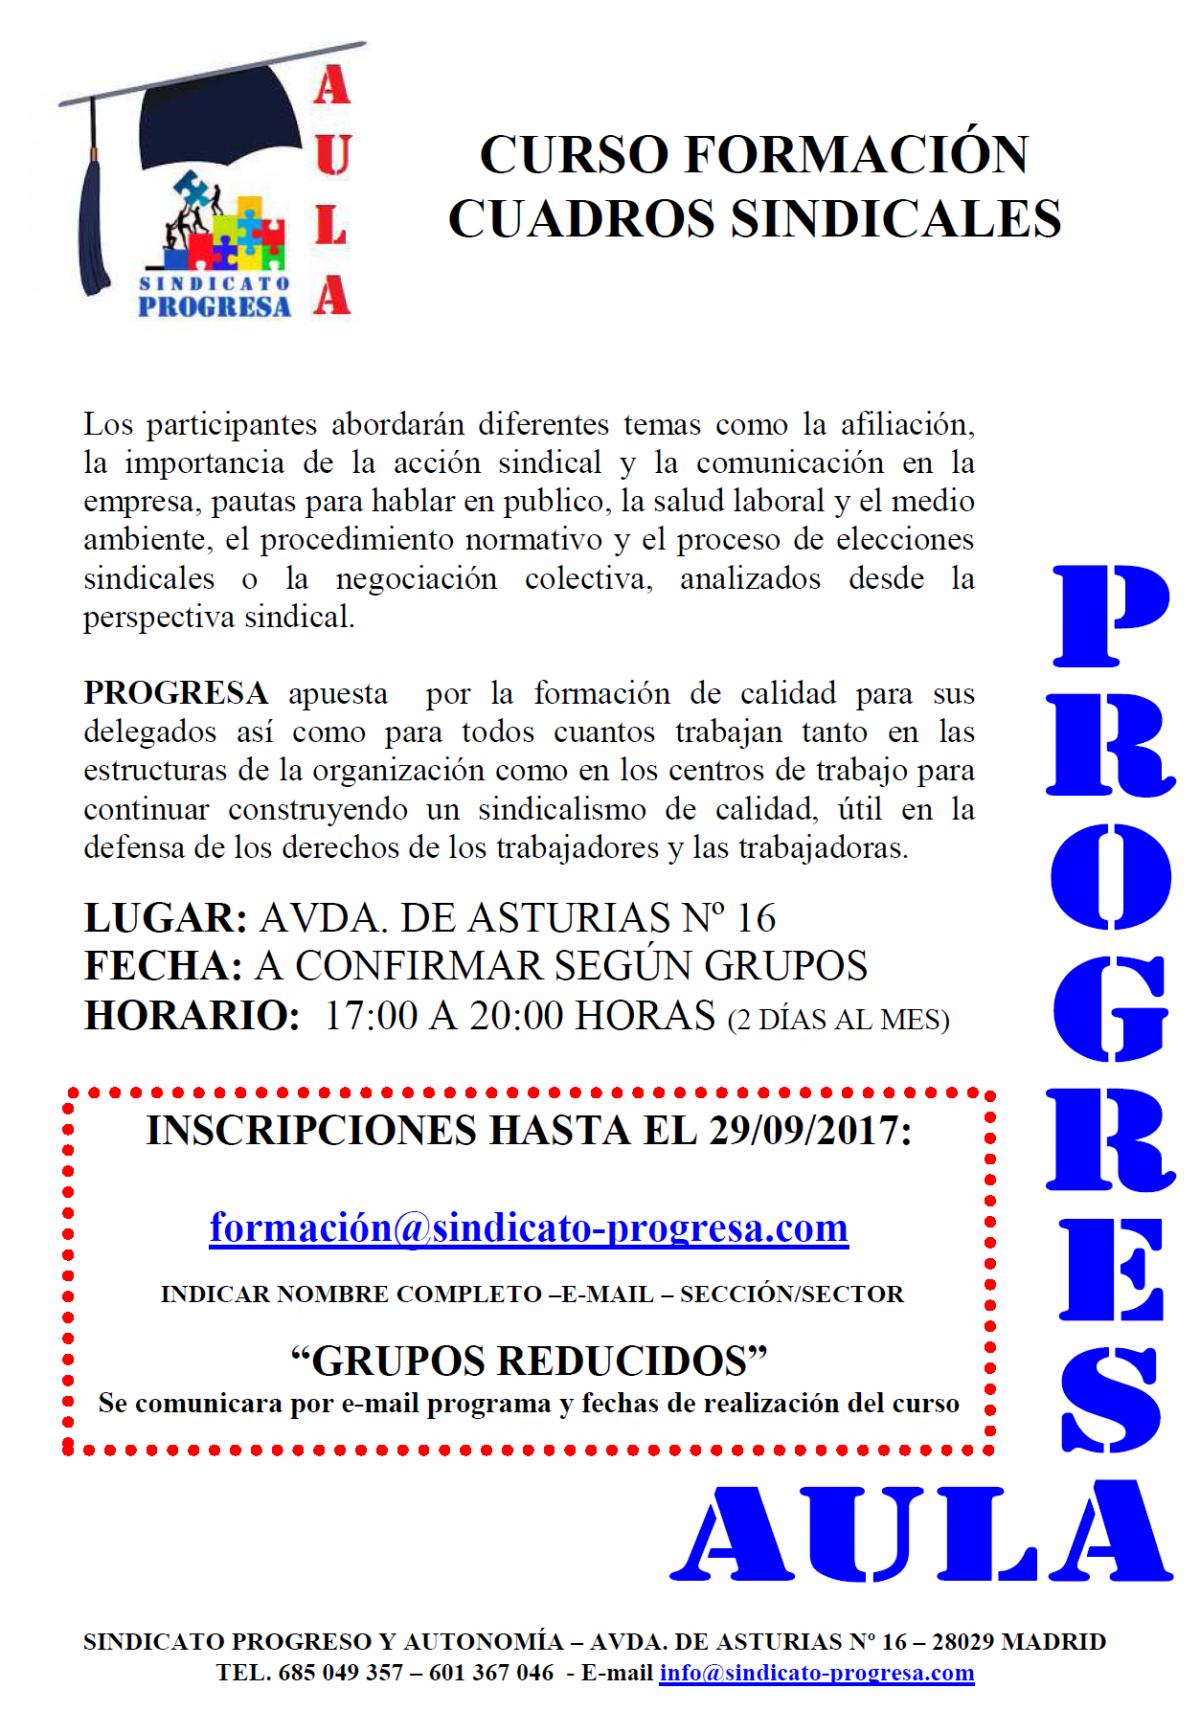 CURSO PARA AFILIADOS – FORMACIÓN DE CUADROS SINDICALES